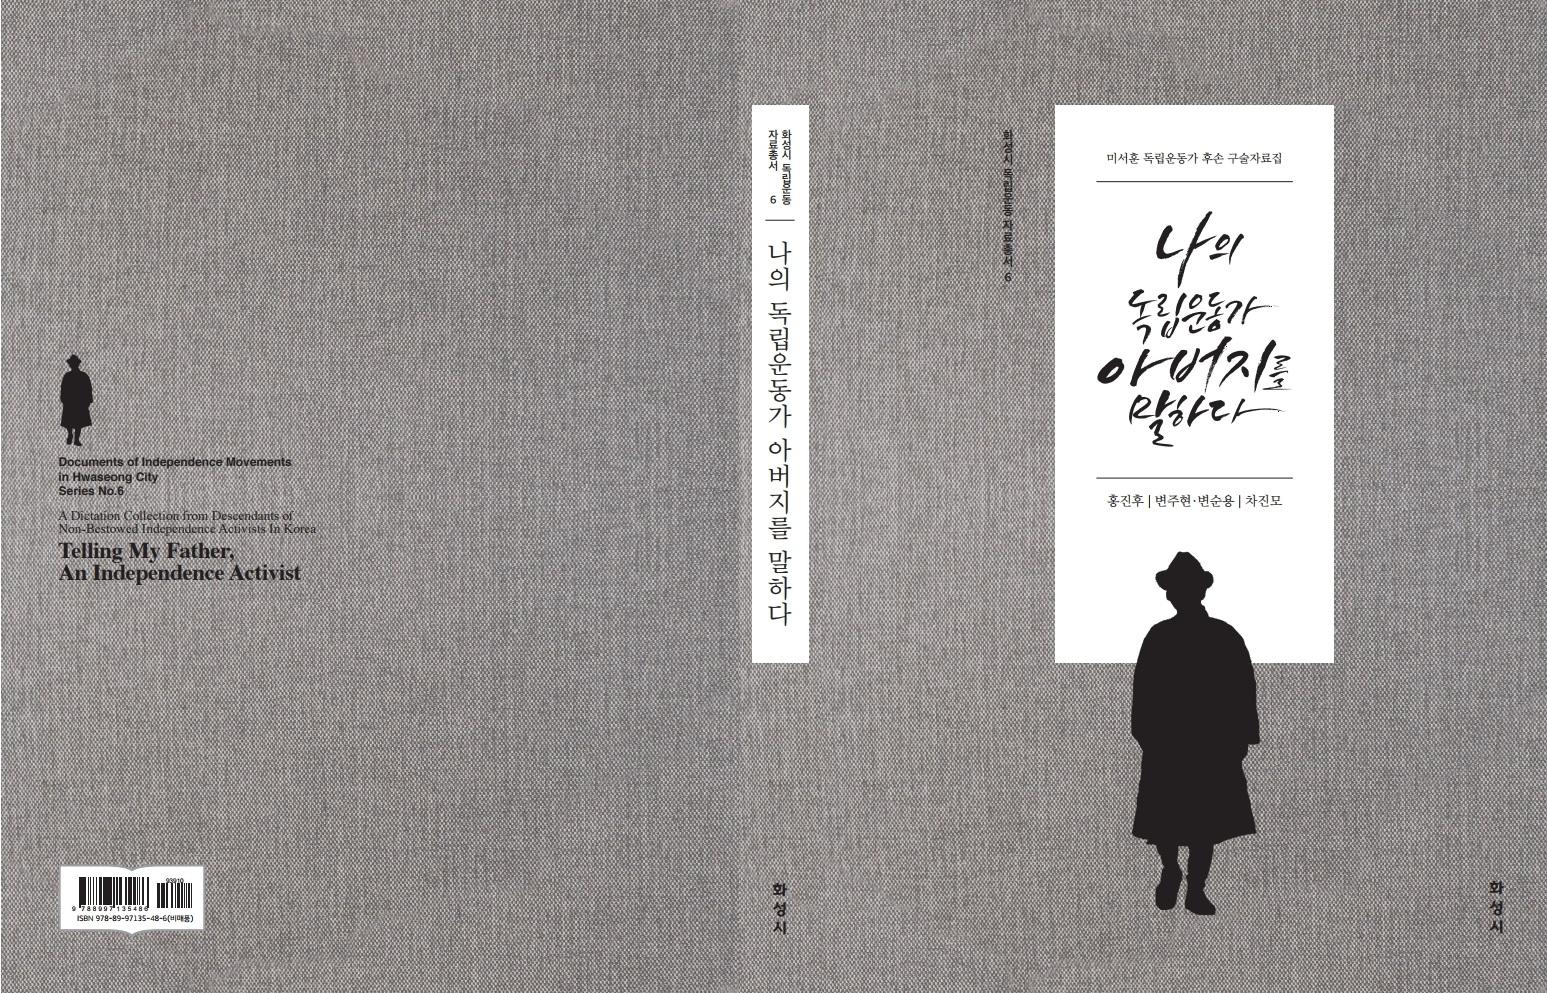 06. 미서훈 독립운동가 후손 구술자료집